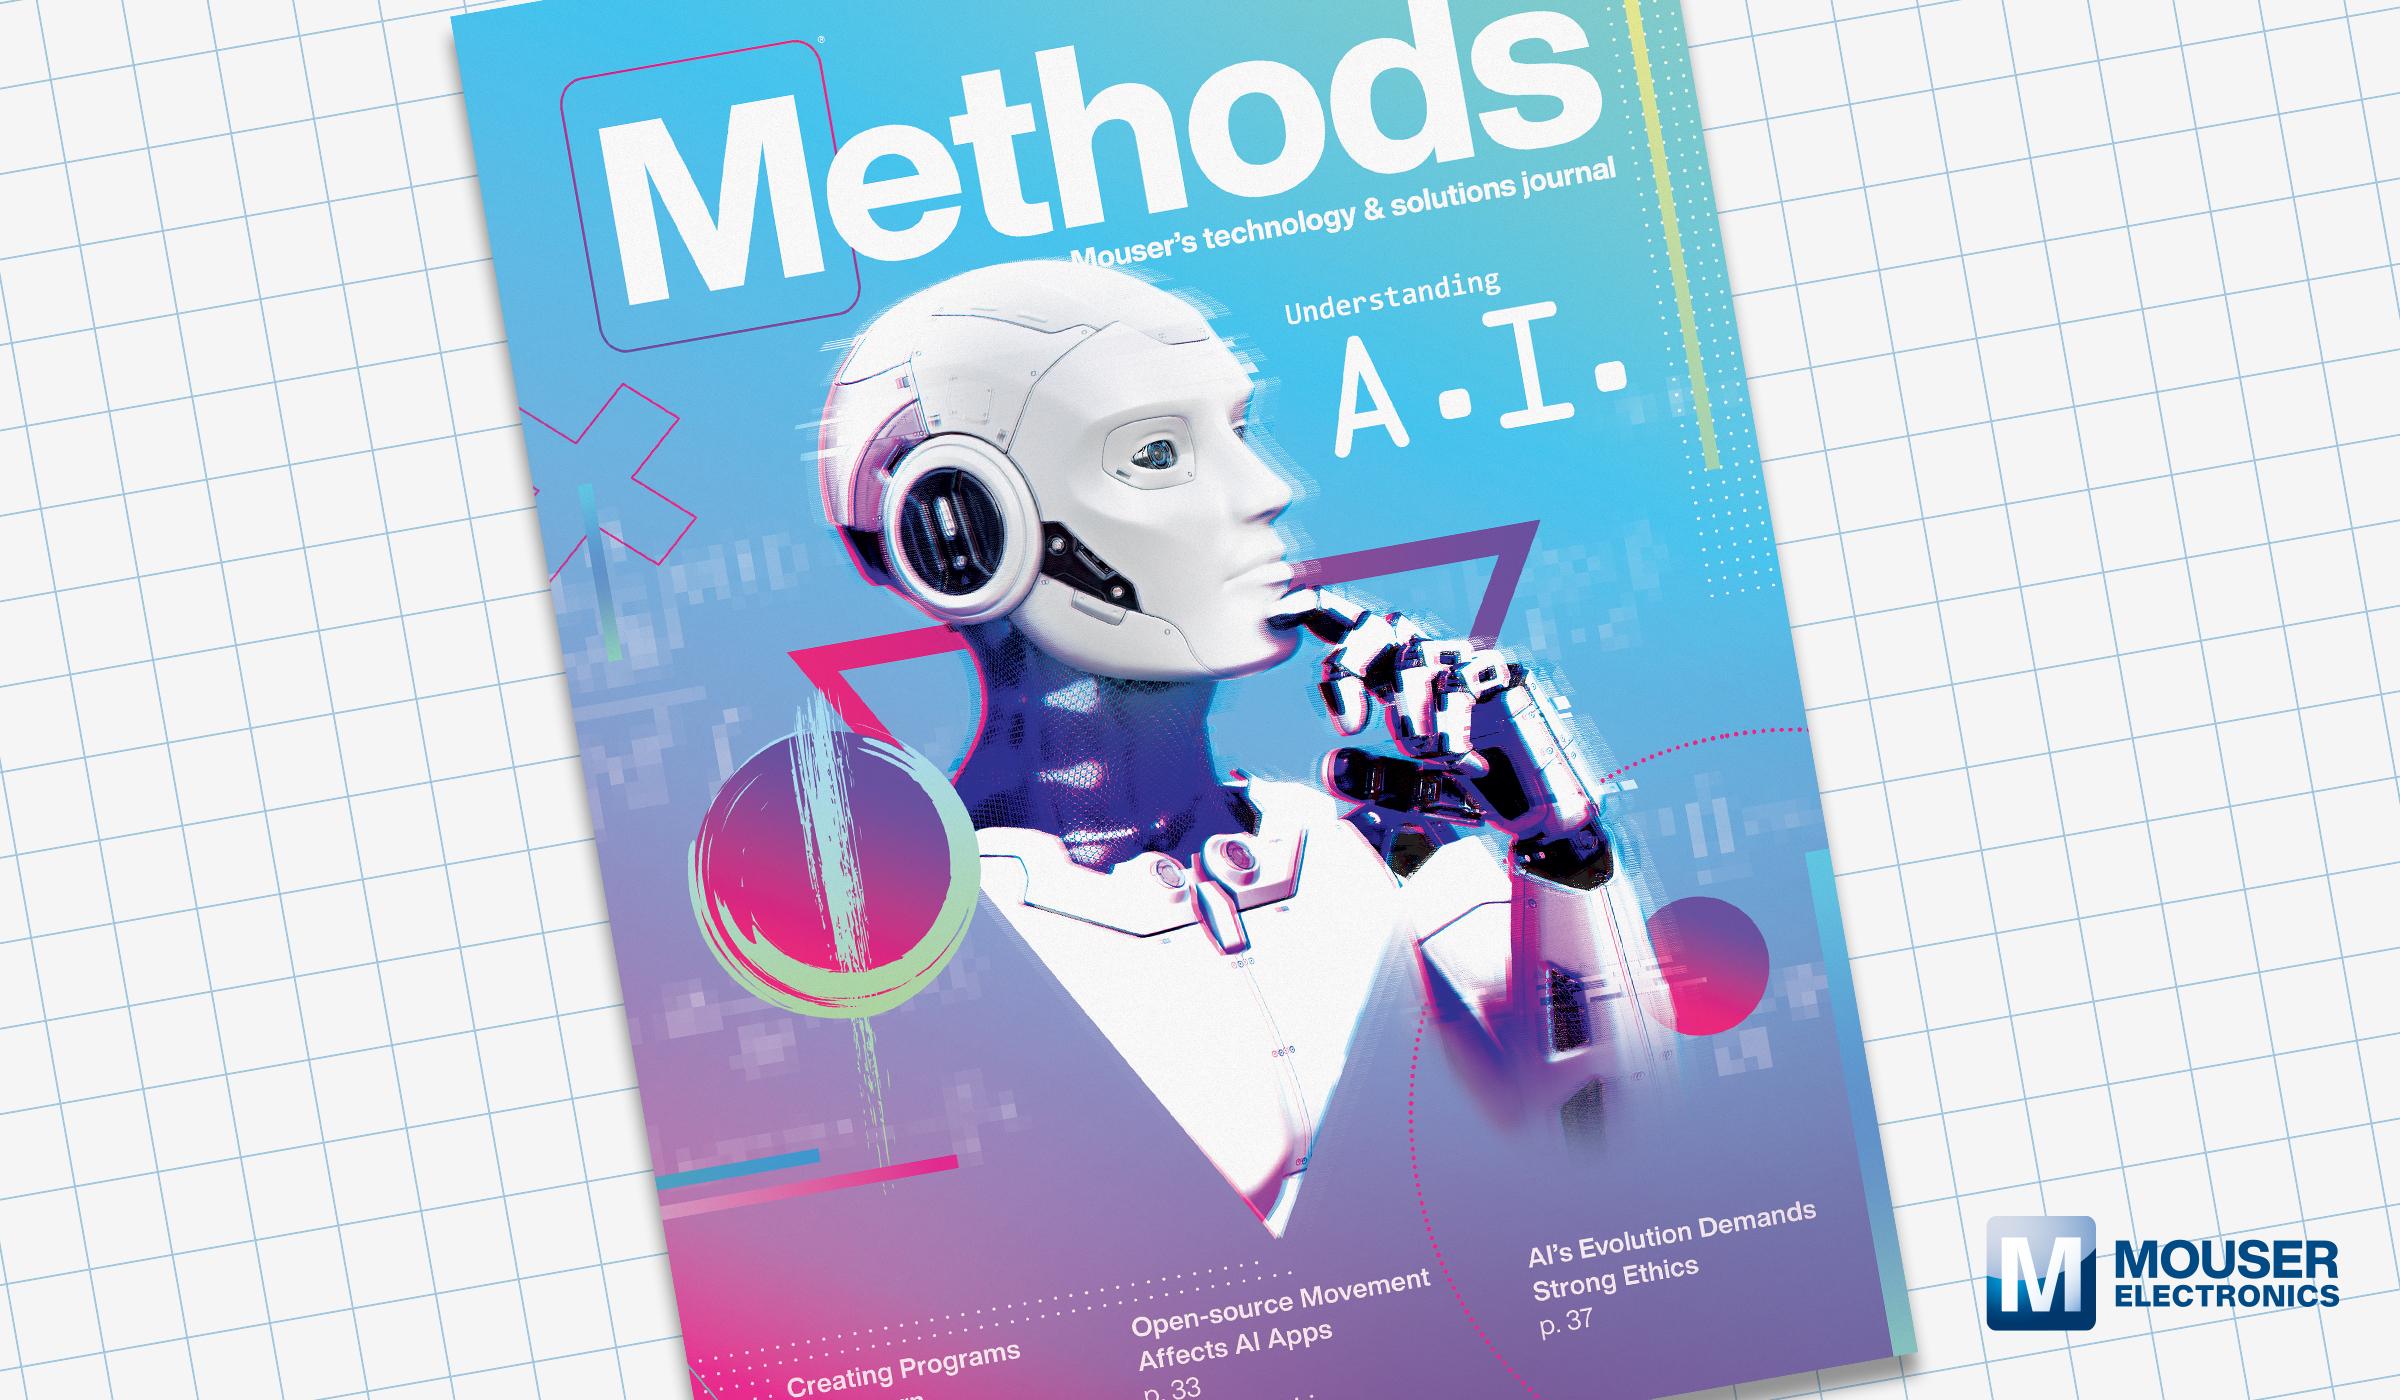 贸泽发布最新一期的Methods技术电子杂志,对AI进行多方位探索